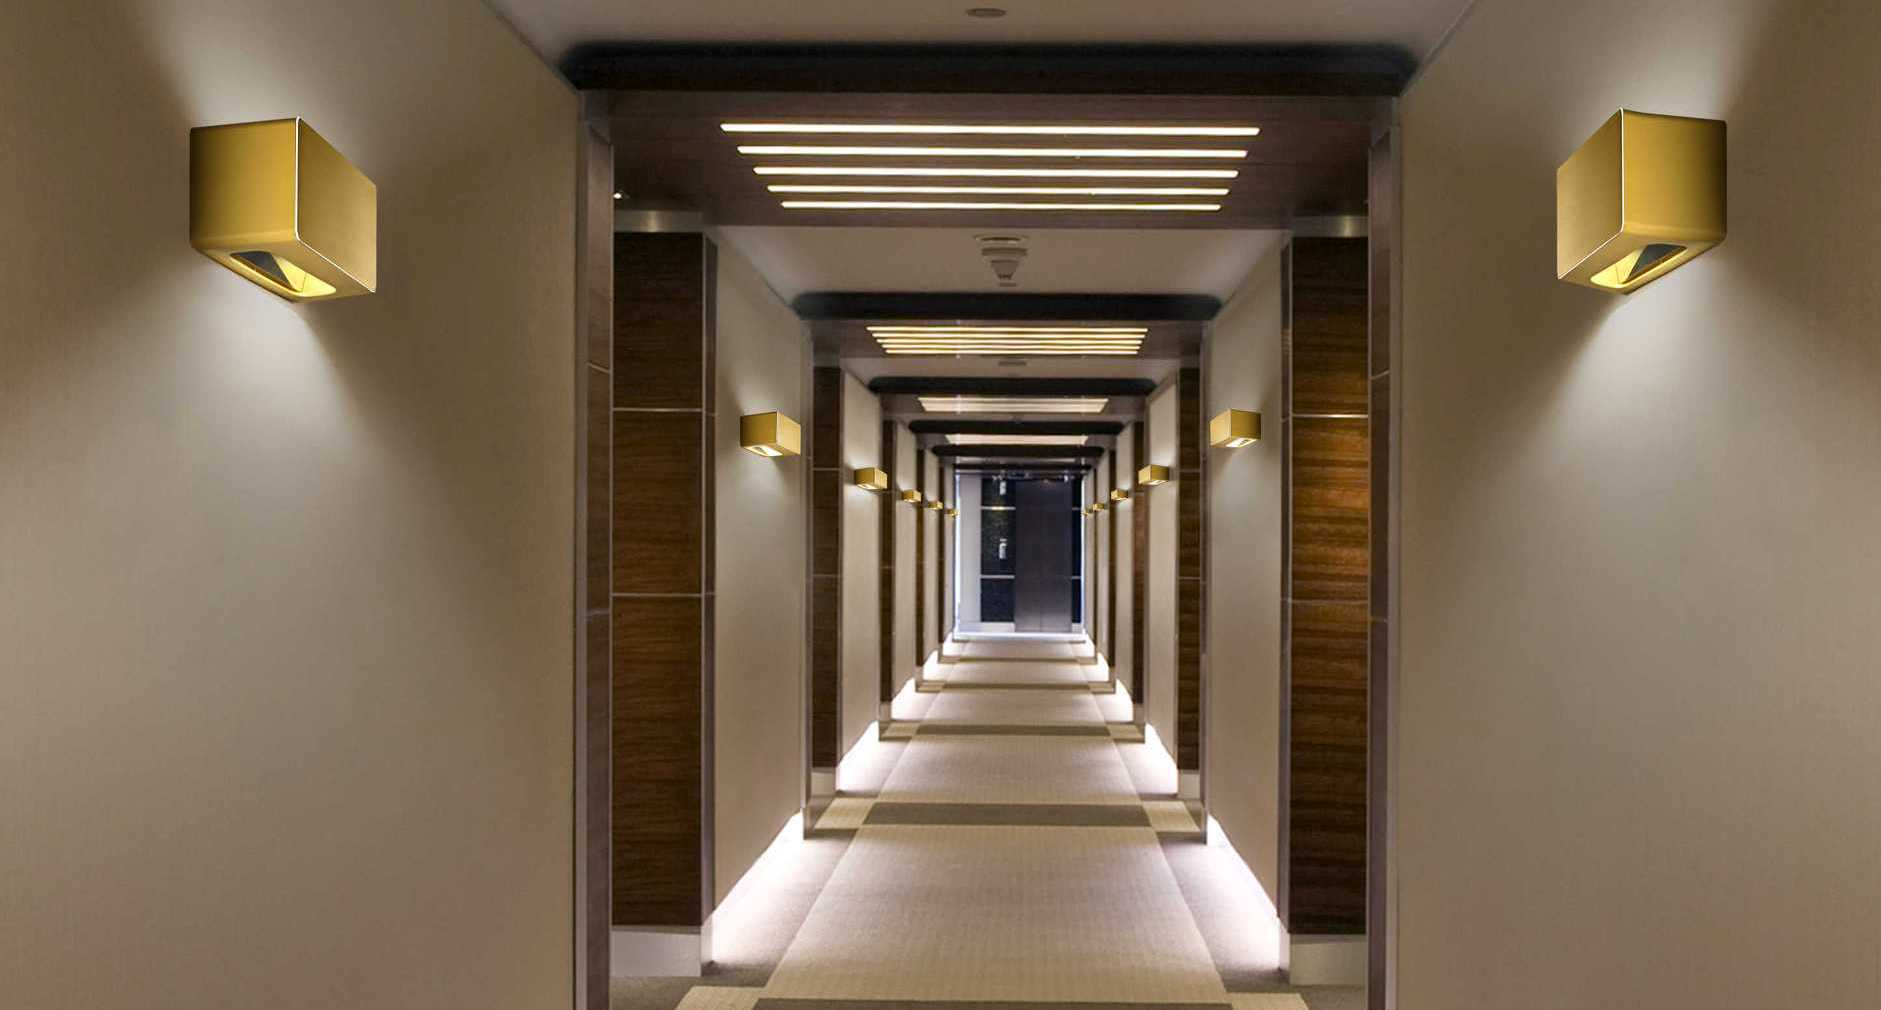 proyectos de hoteles modernos y de diseño | espaciobetty madrid - Muebles Diseno Madrid